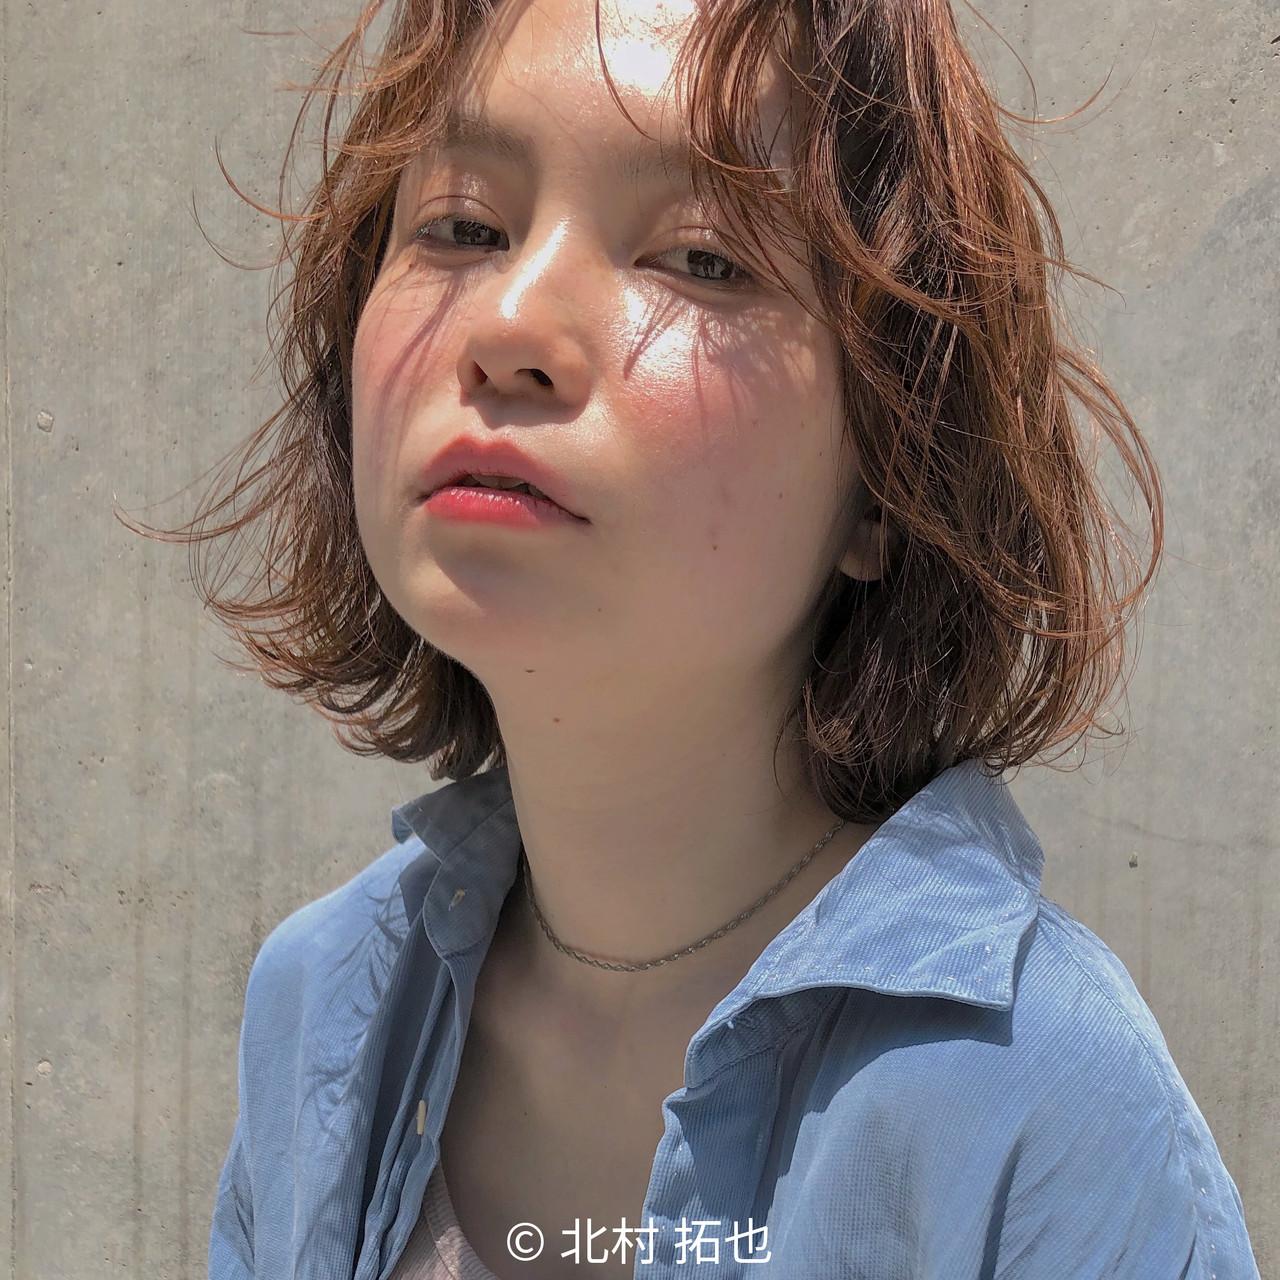 無造作パーマ  オレンジベージュ 透明感カラー ヘアスタイルや髪型の写真・画像